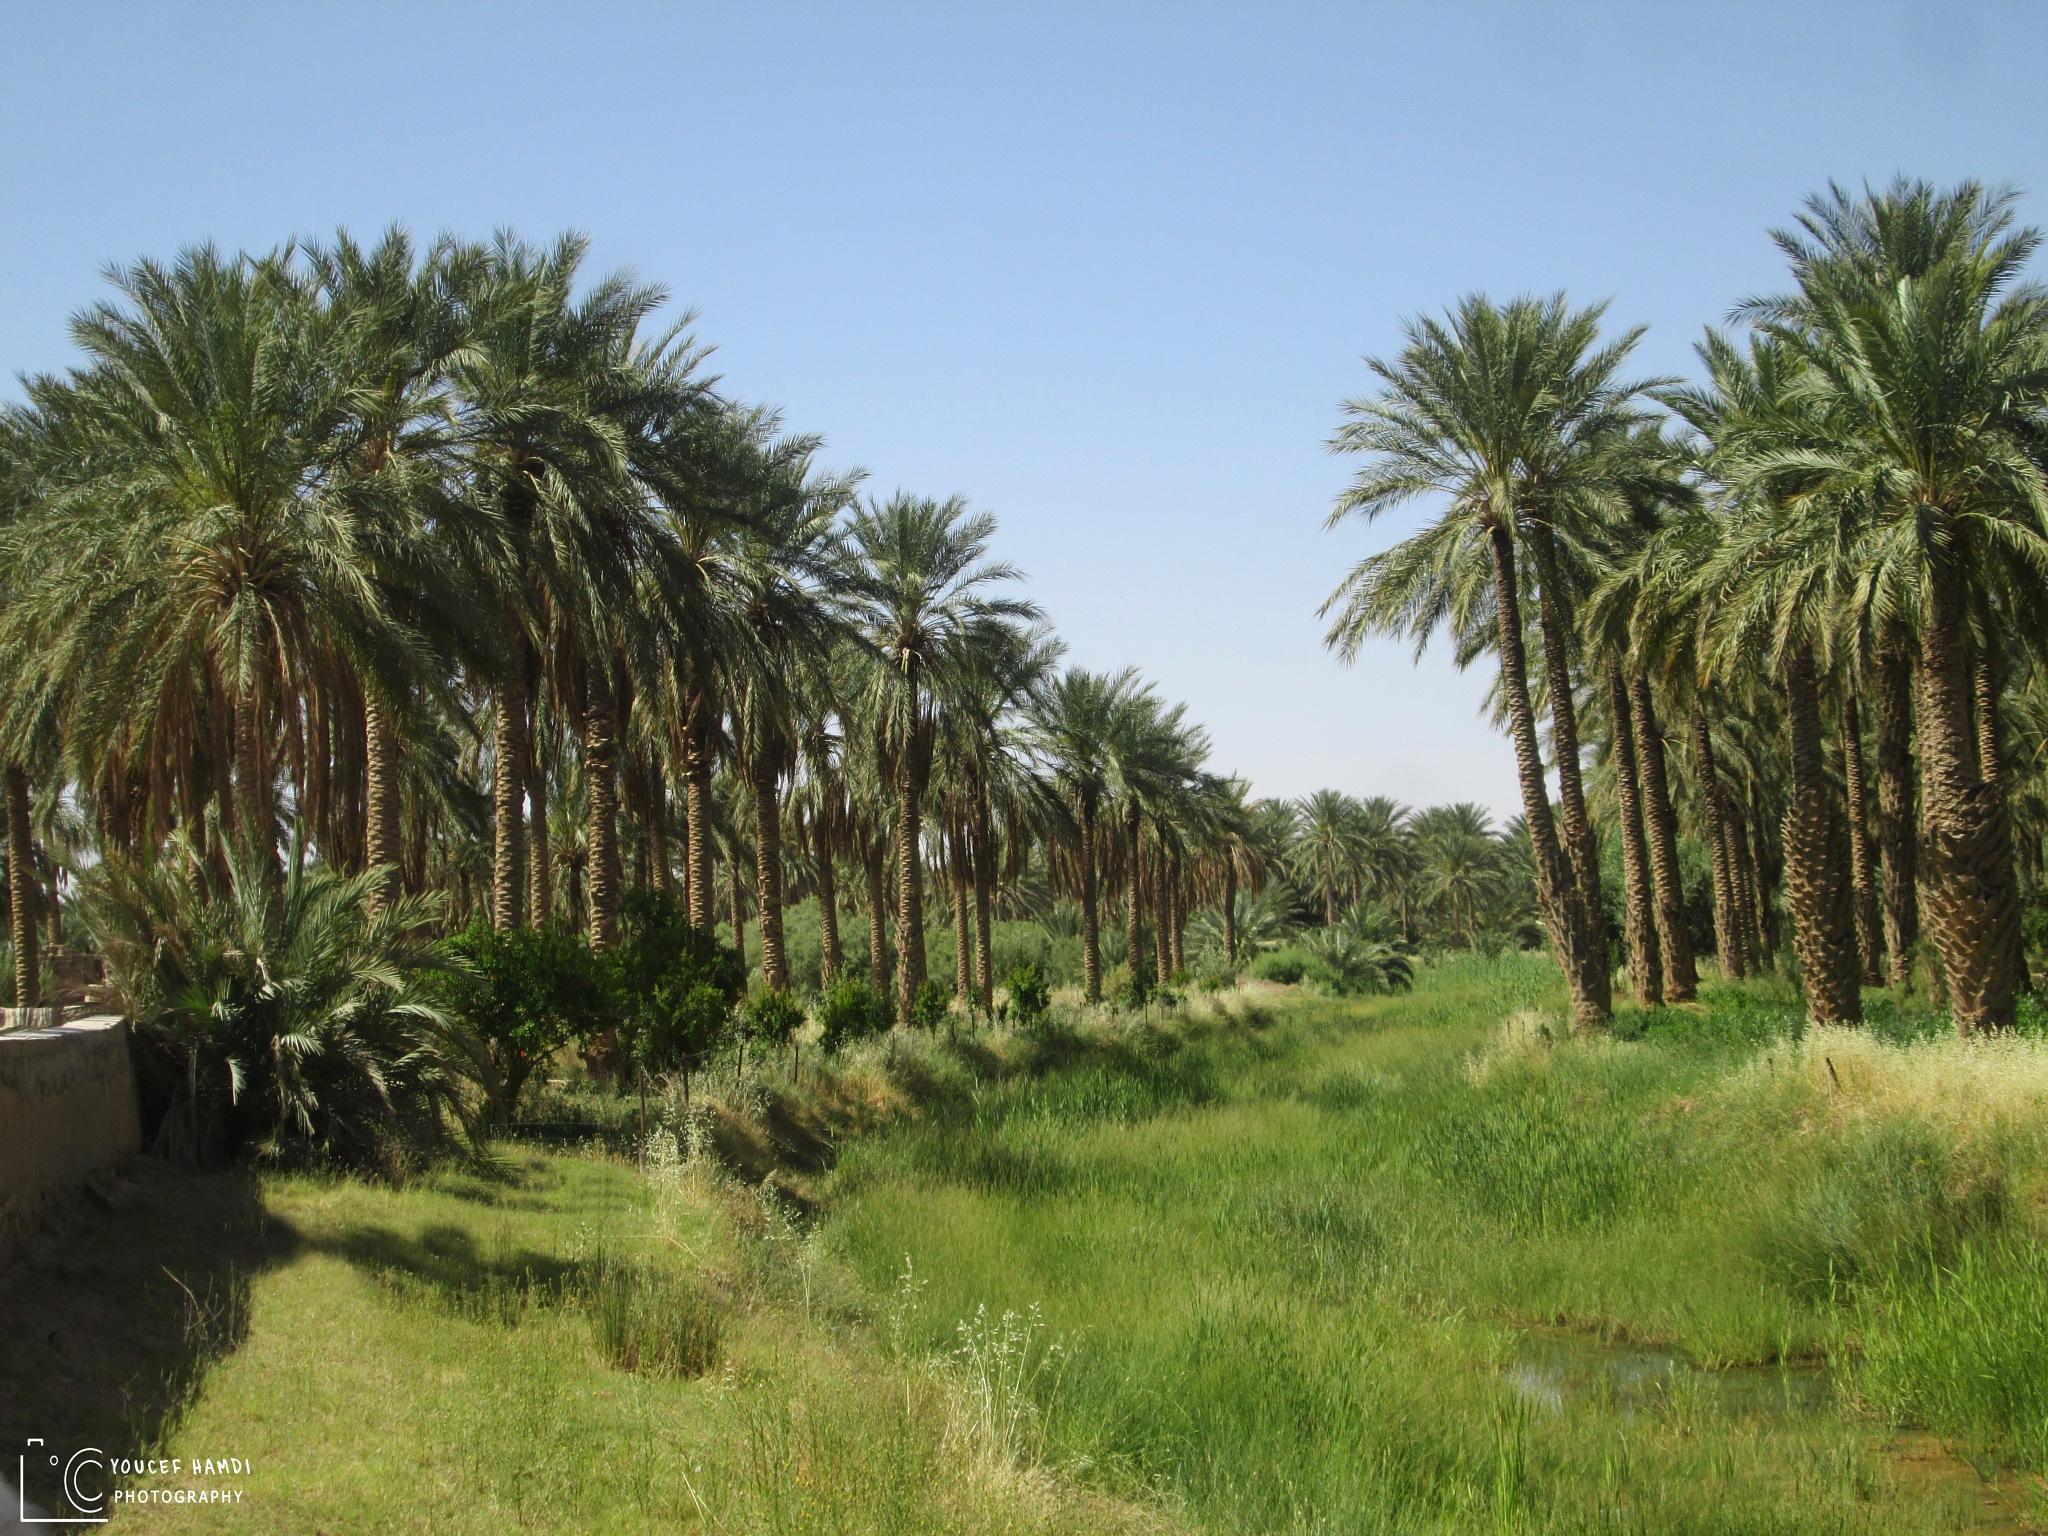 The oases of the Algerian desert  by Youcef Hamdi